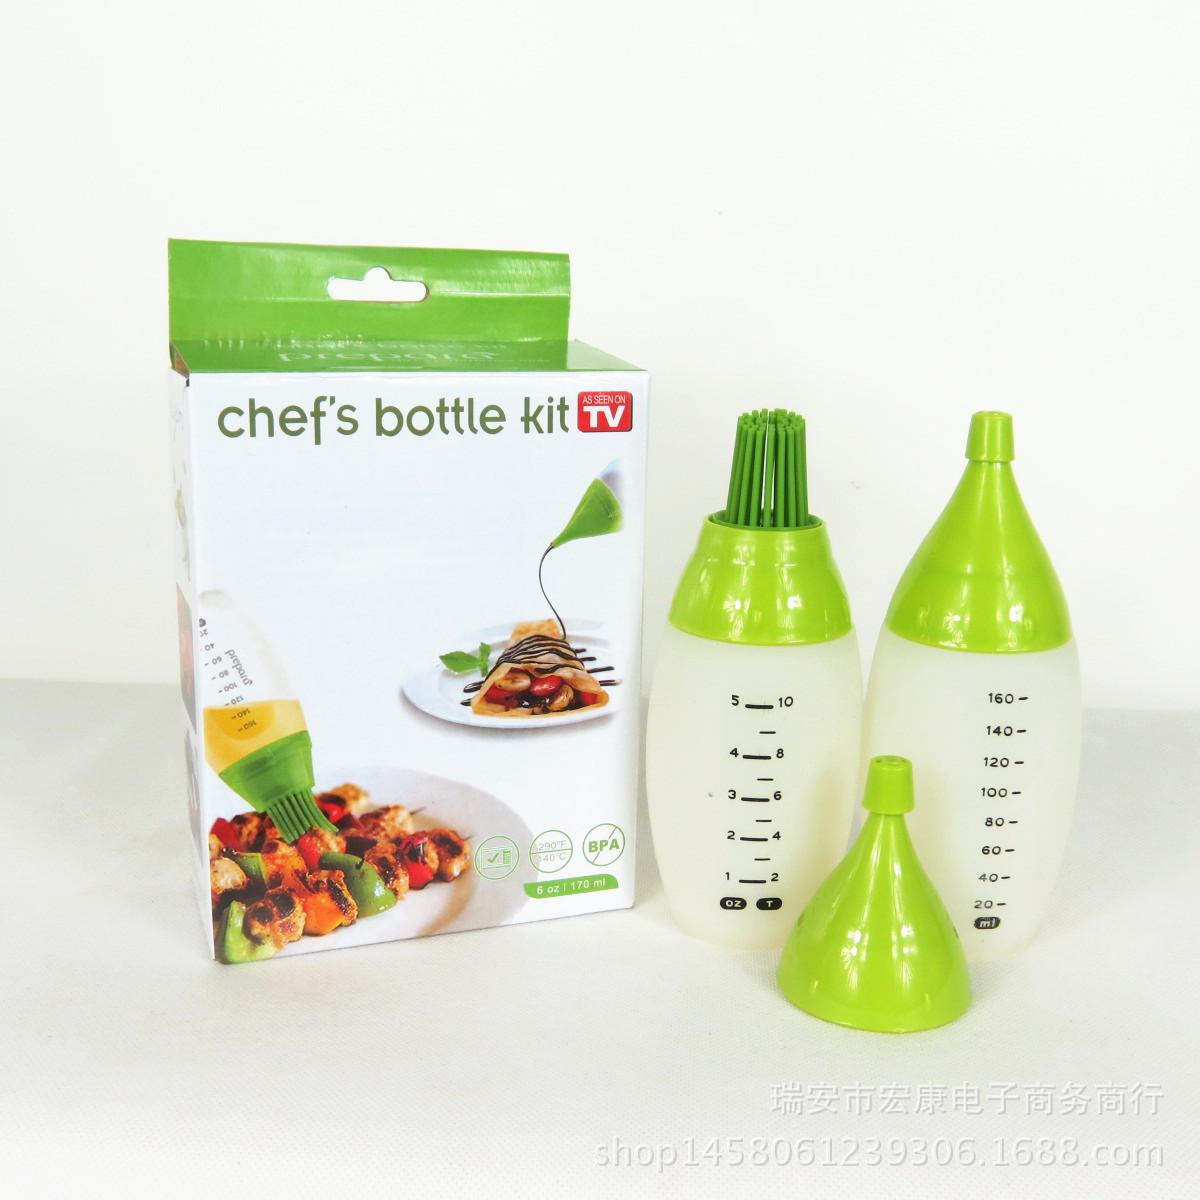 厂家热销 chef's bottle kit 硅胶油瓶刷 烧烤刷 调料工具 TV